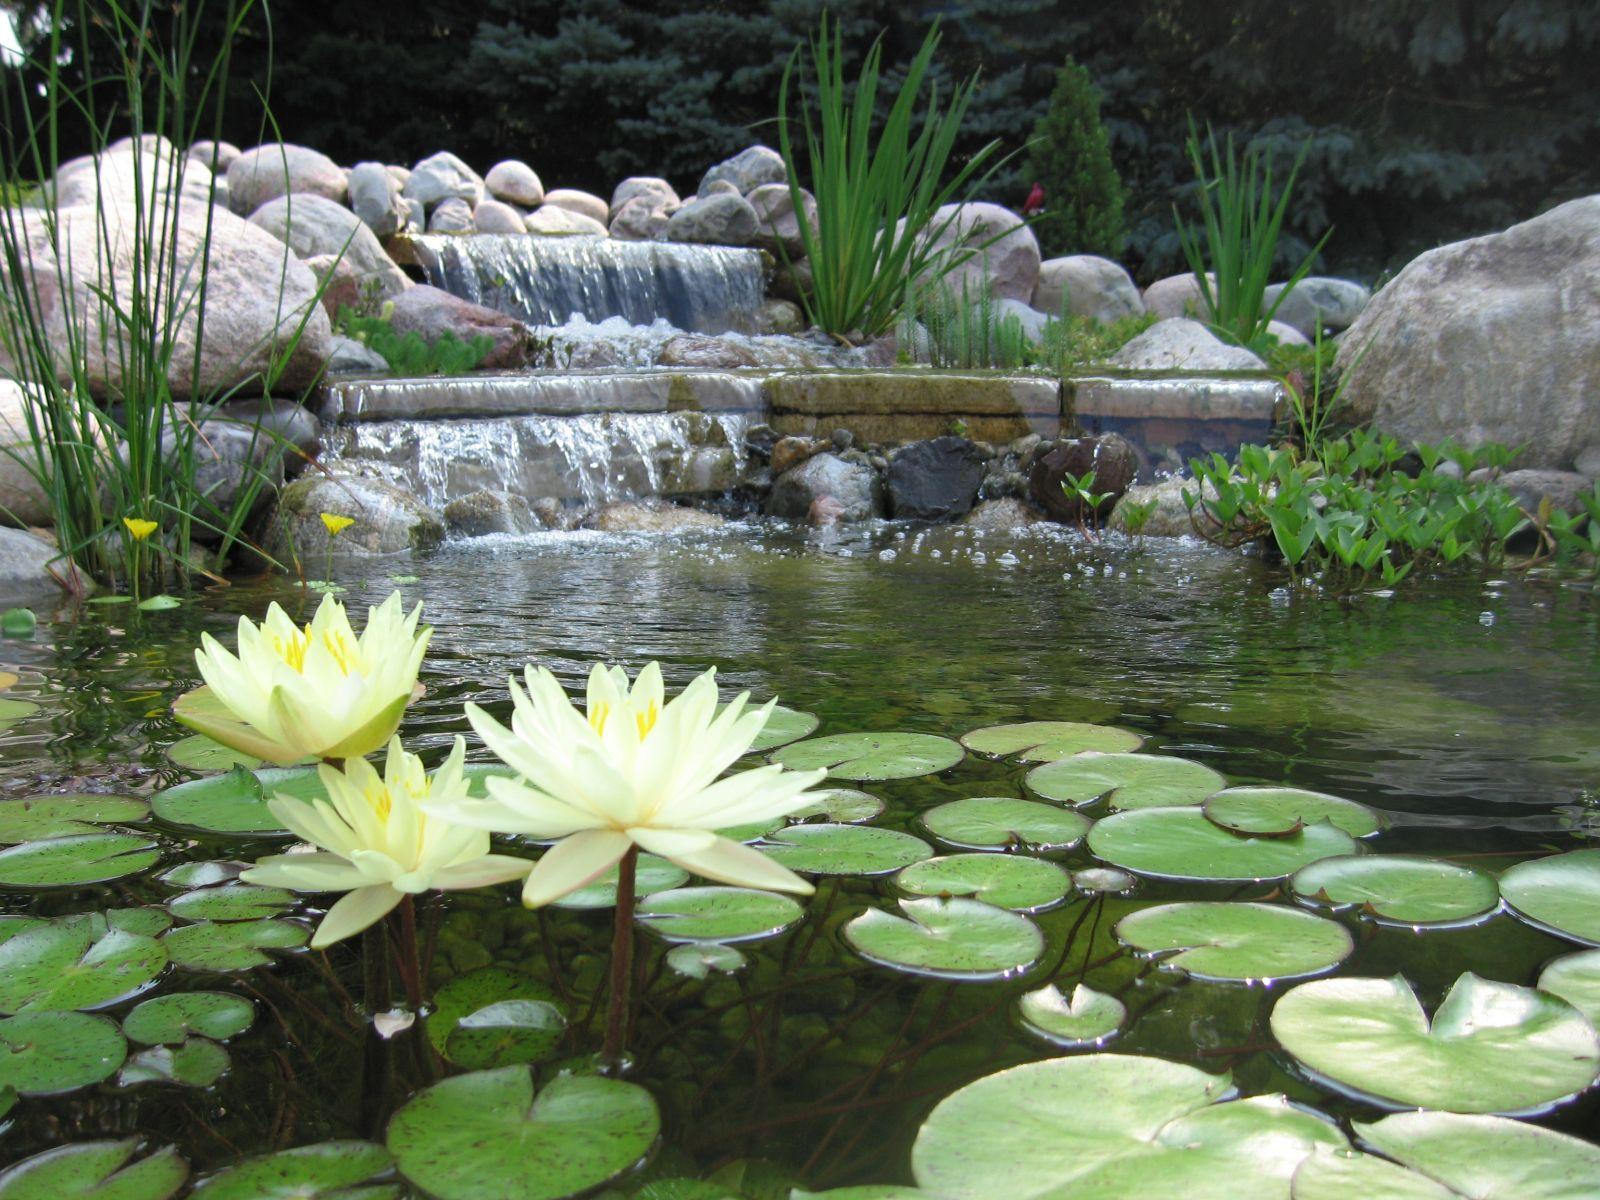 Arte y jardiner a plantas de estanques acu ticos for Estanque para agua caliente